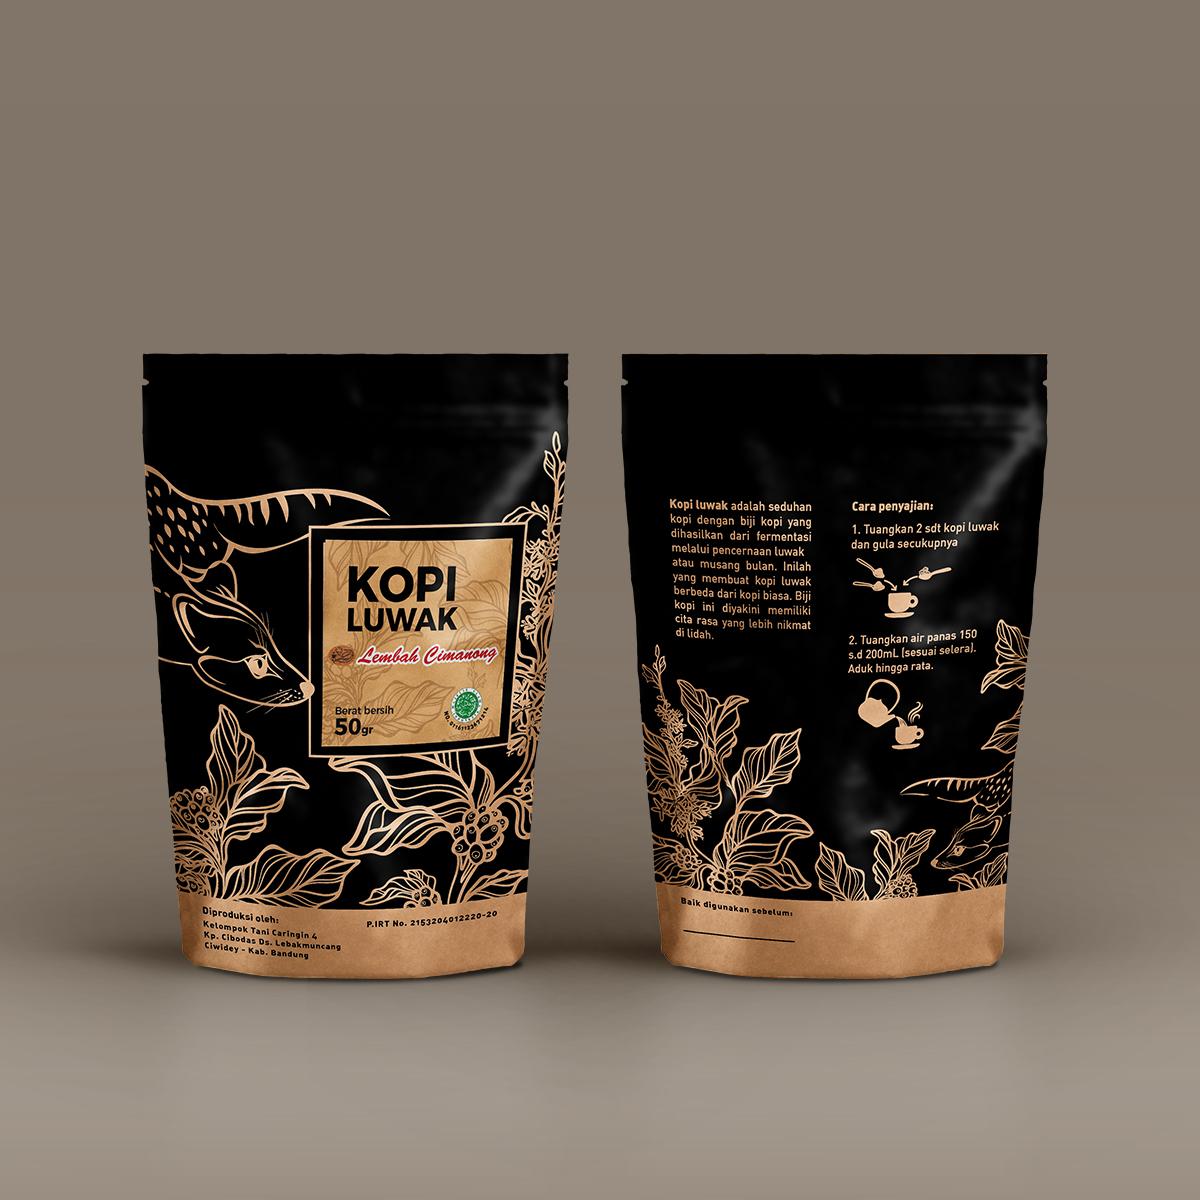 Luwak Life After Coffee Kopi Packaging Lembah Cimanong 250 Gram By